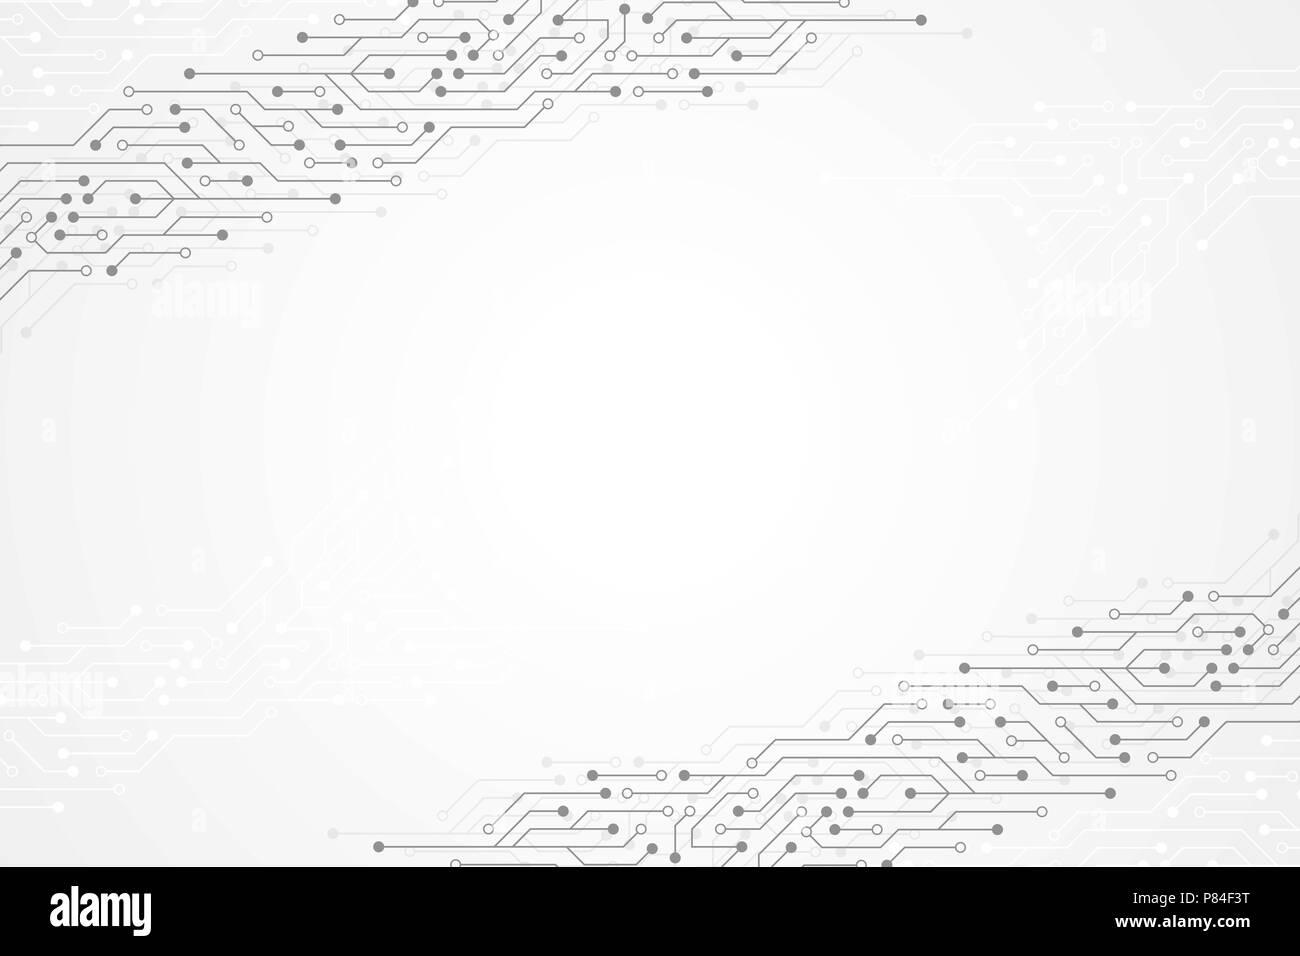 Circuito Eletronica : Resumo background tecnológico com textura placa de circuito. placa